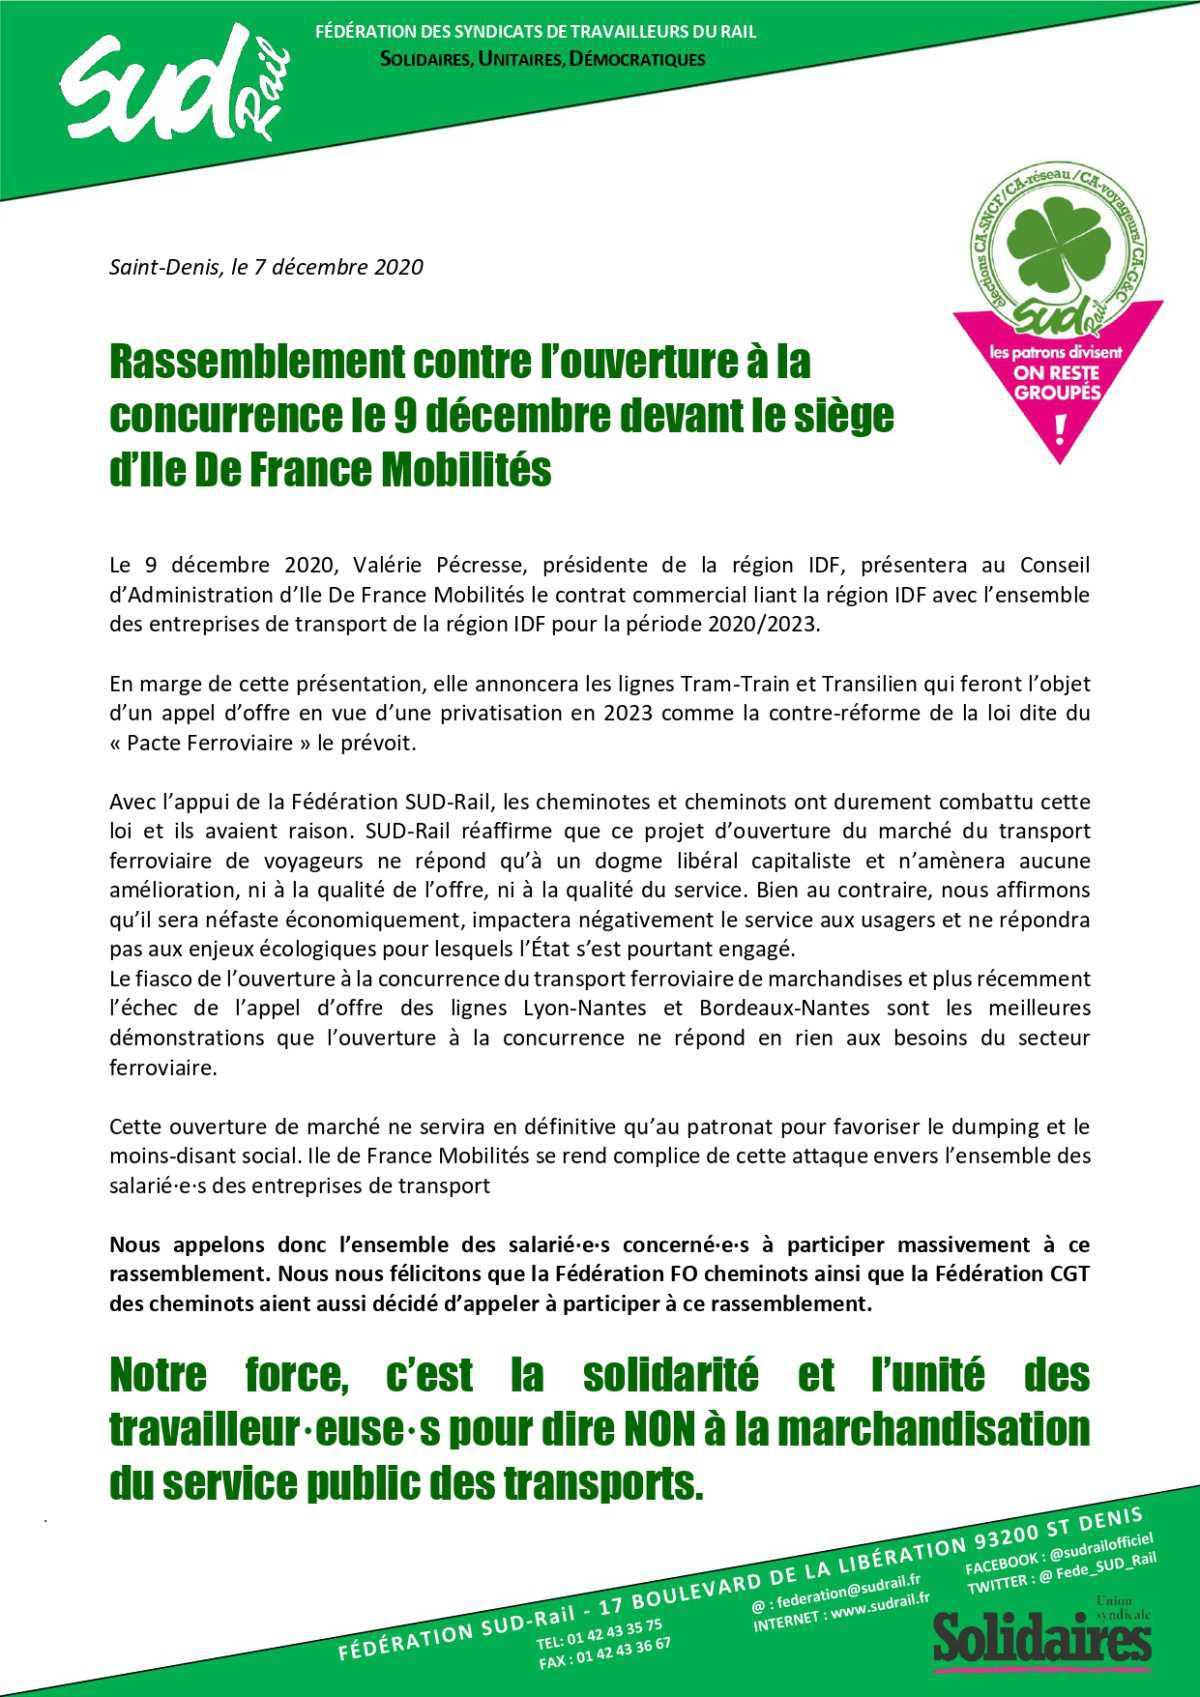 Rassemblement contre l'ouverture à la concurrence le 9 décembre devant le siège d'Ile de France Mobilités